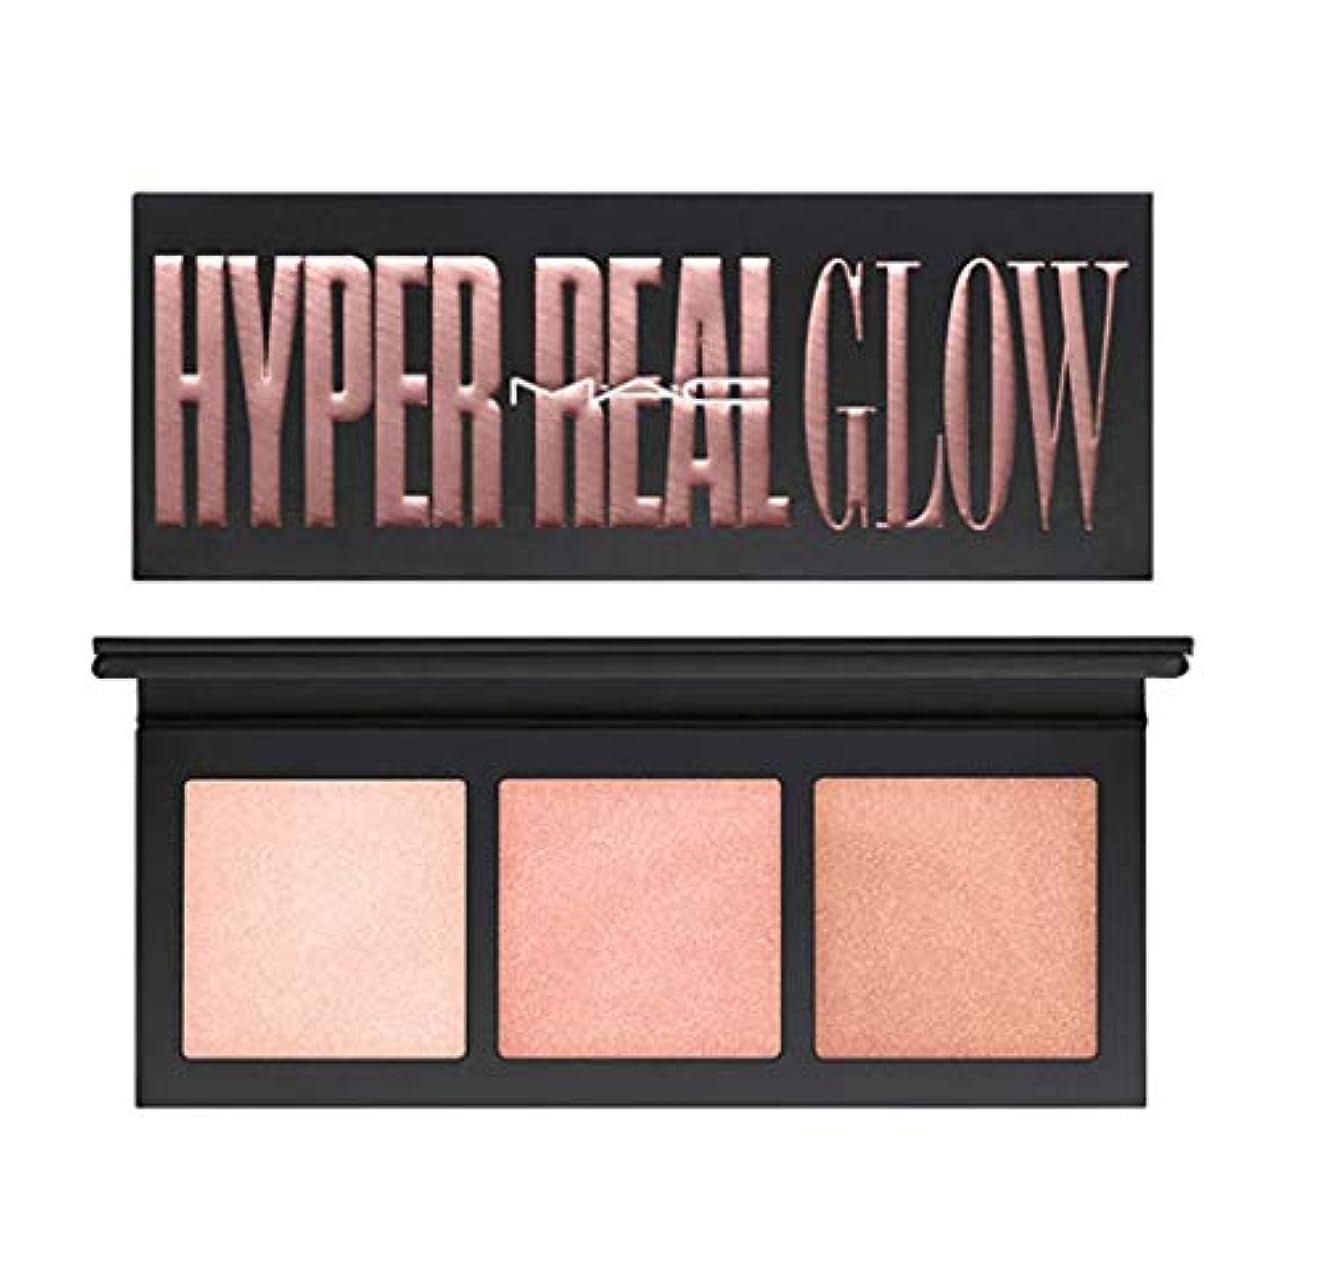 広告する透過性民族主義Mac Hyper Real Glow Palette - Flash + Awe (マック) ハイパー リアル グロー パレット (フラッシュ + オー)(並行輸入品)